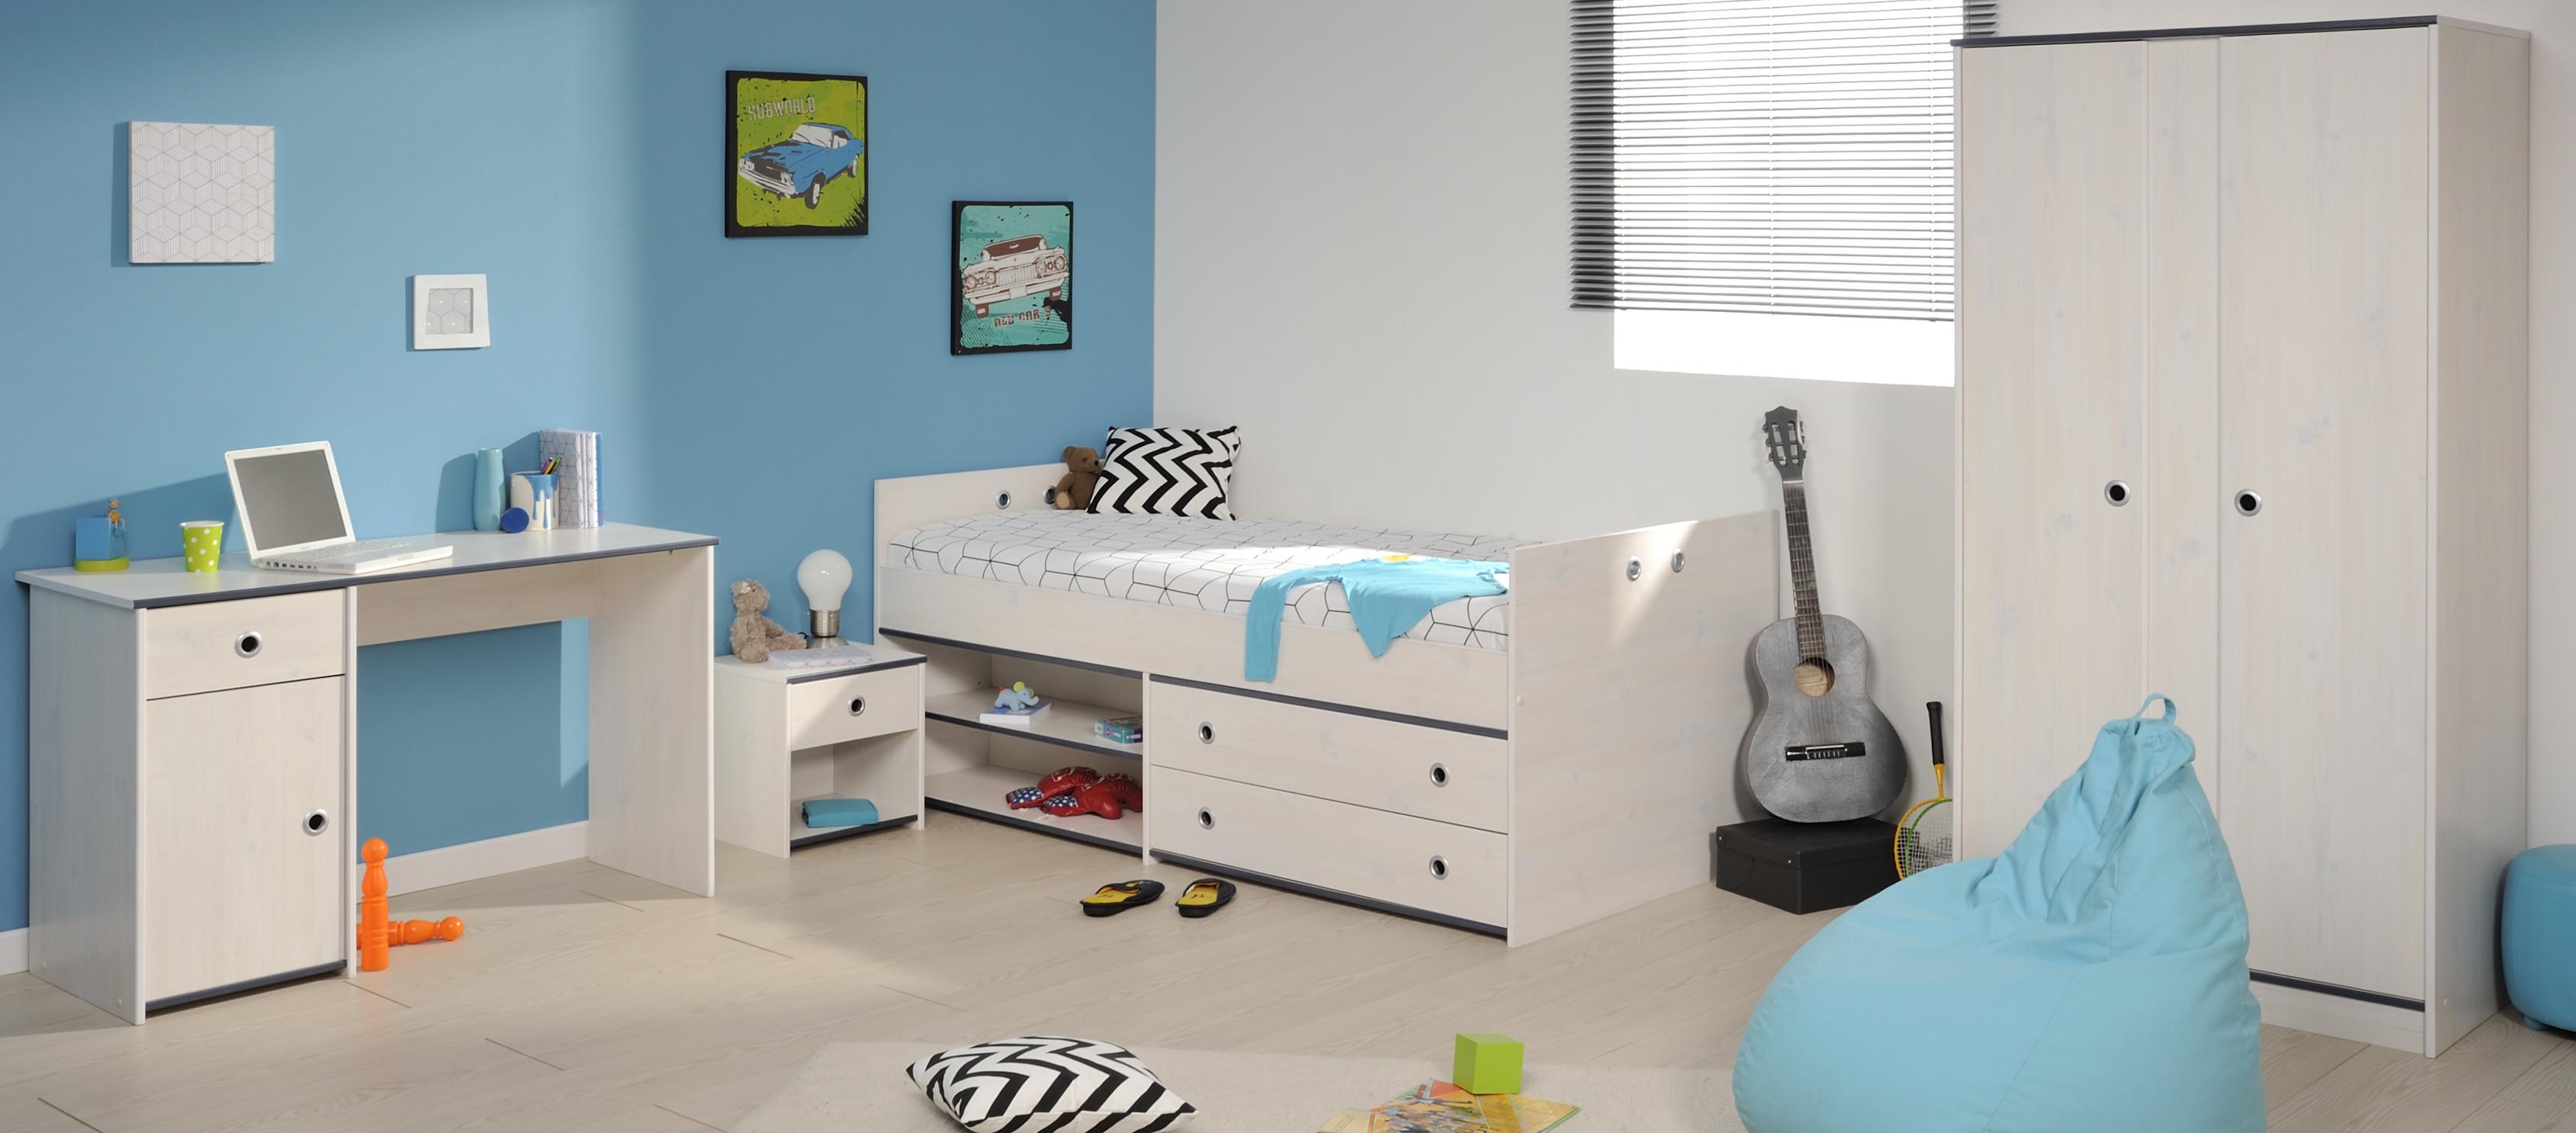 Schlafzimmer 4-tlg. inkl 90x200 Stauraumbett u Schreibtisch Smoozy 26a von  Parisot Kiefer Weiss / Blau